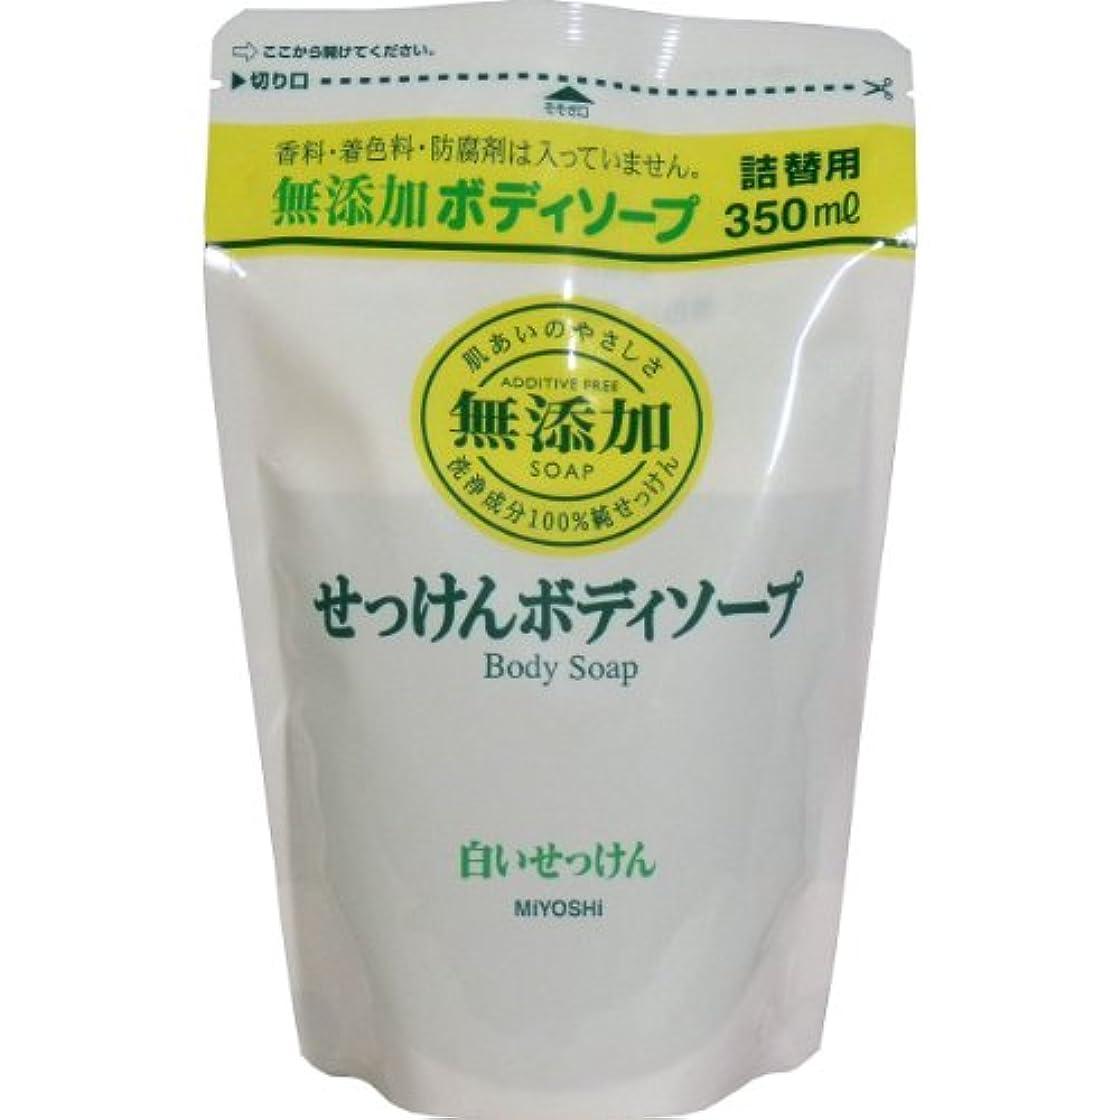 細菌枝フィクションミヨシ 無添加 ボディソープ 白い石けん つめかえ用 350ml(無添加石鹸) x 10個セット